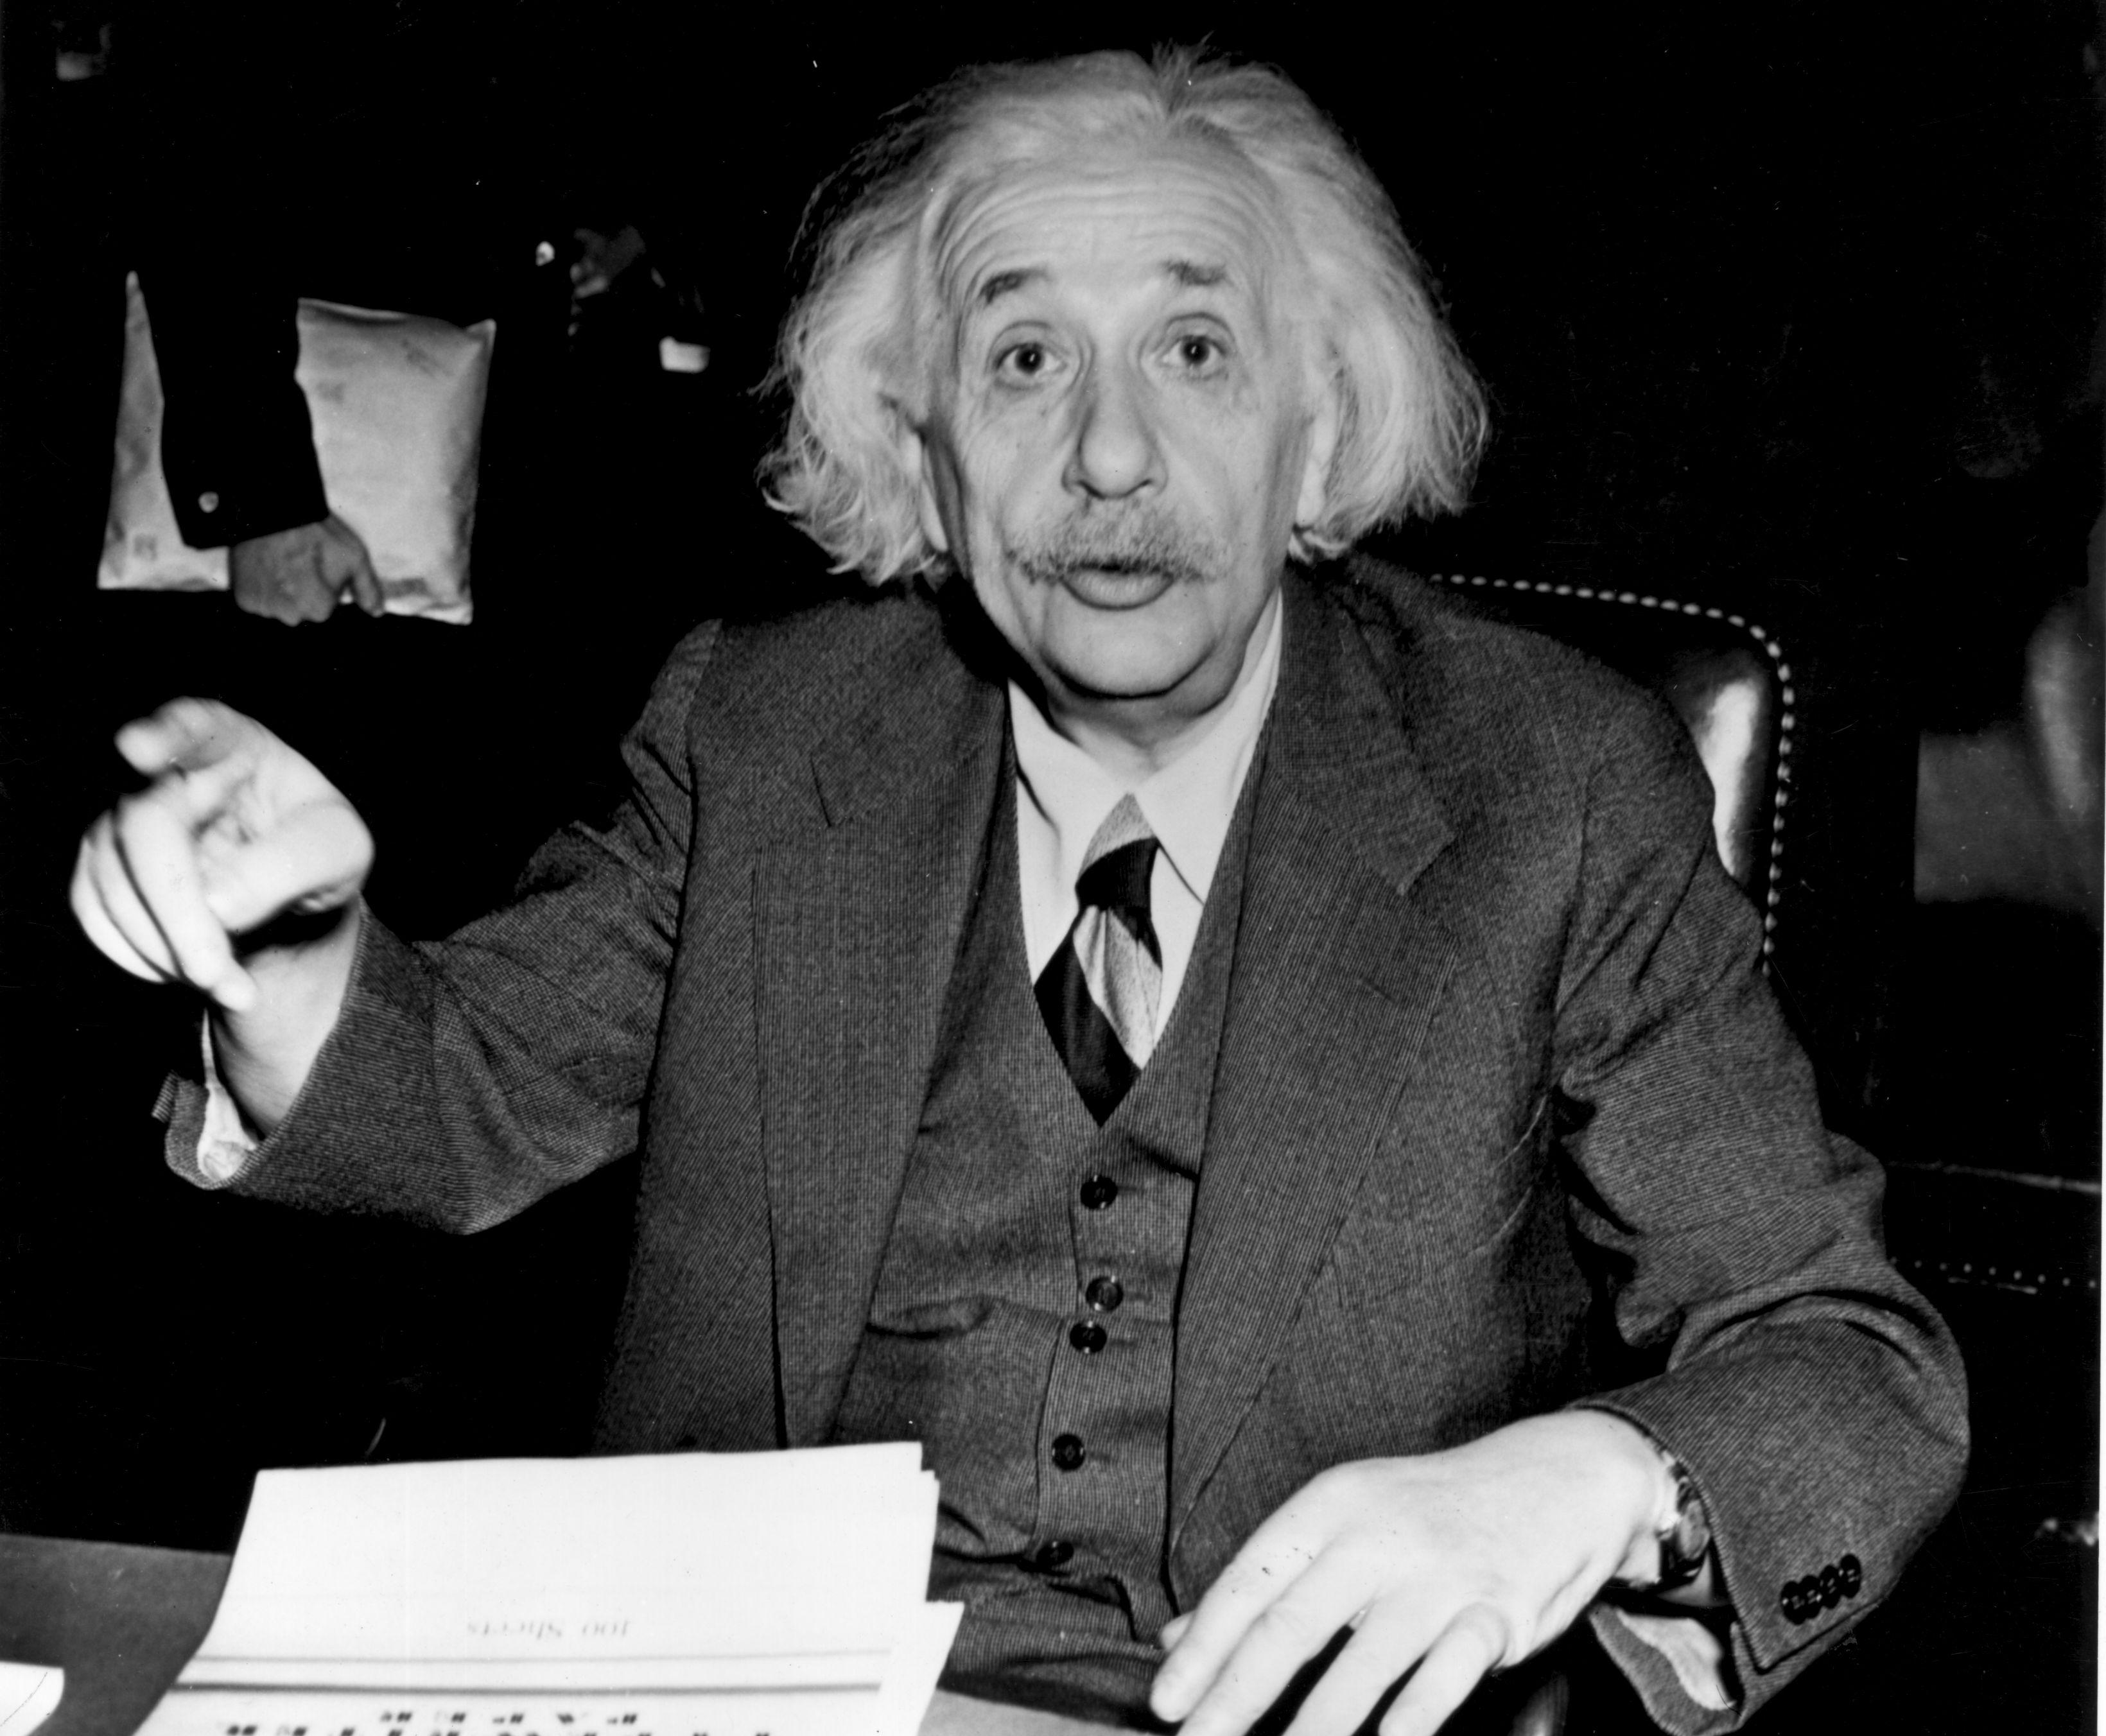 Интелигентността на Айнщайн може и да е неповторима, но носът му със сигурност не е. Носът от този тип е най-разпространен в световен мащаб както сред мъжете, така и сред жените. Според проучвания около 25% от населението на Земята има точно такъв нос.